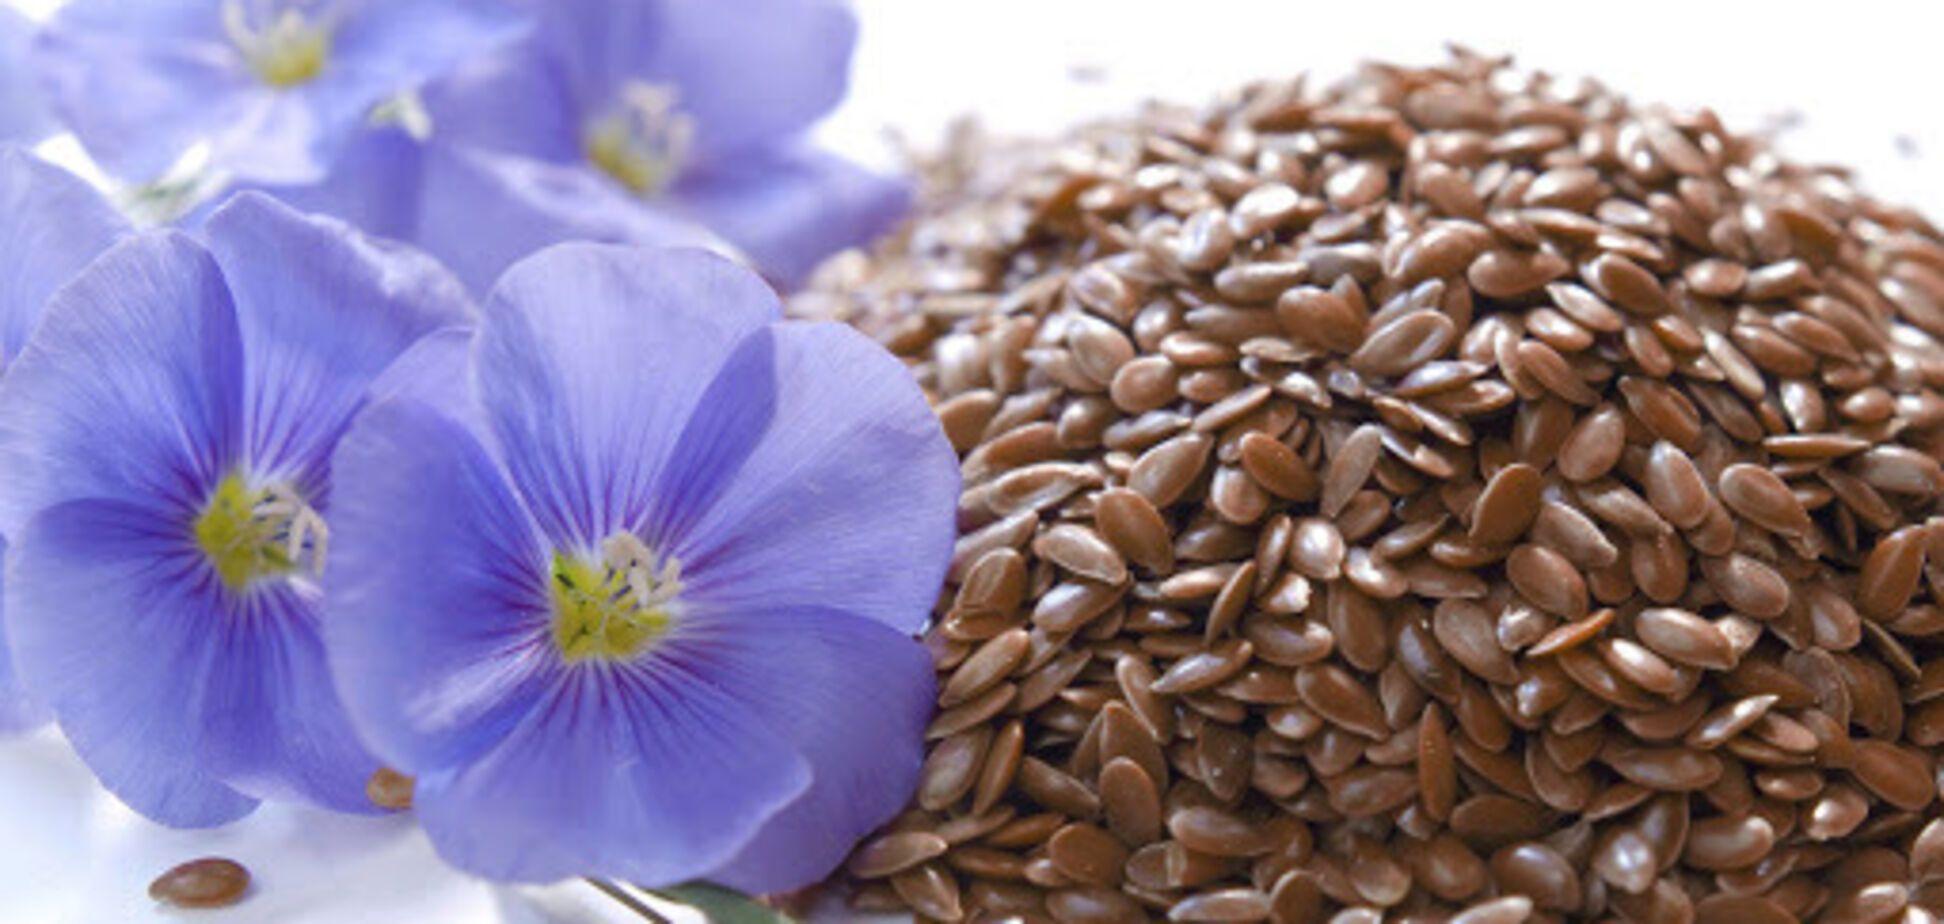 Семена льна: кому категорически запрещено употреблять